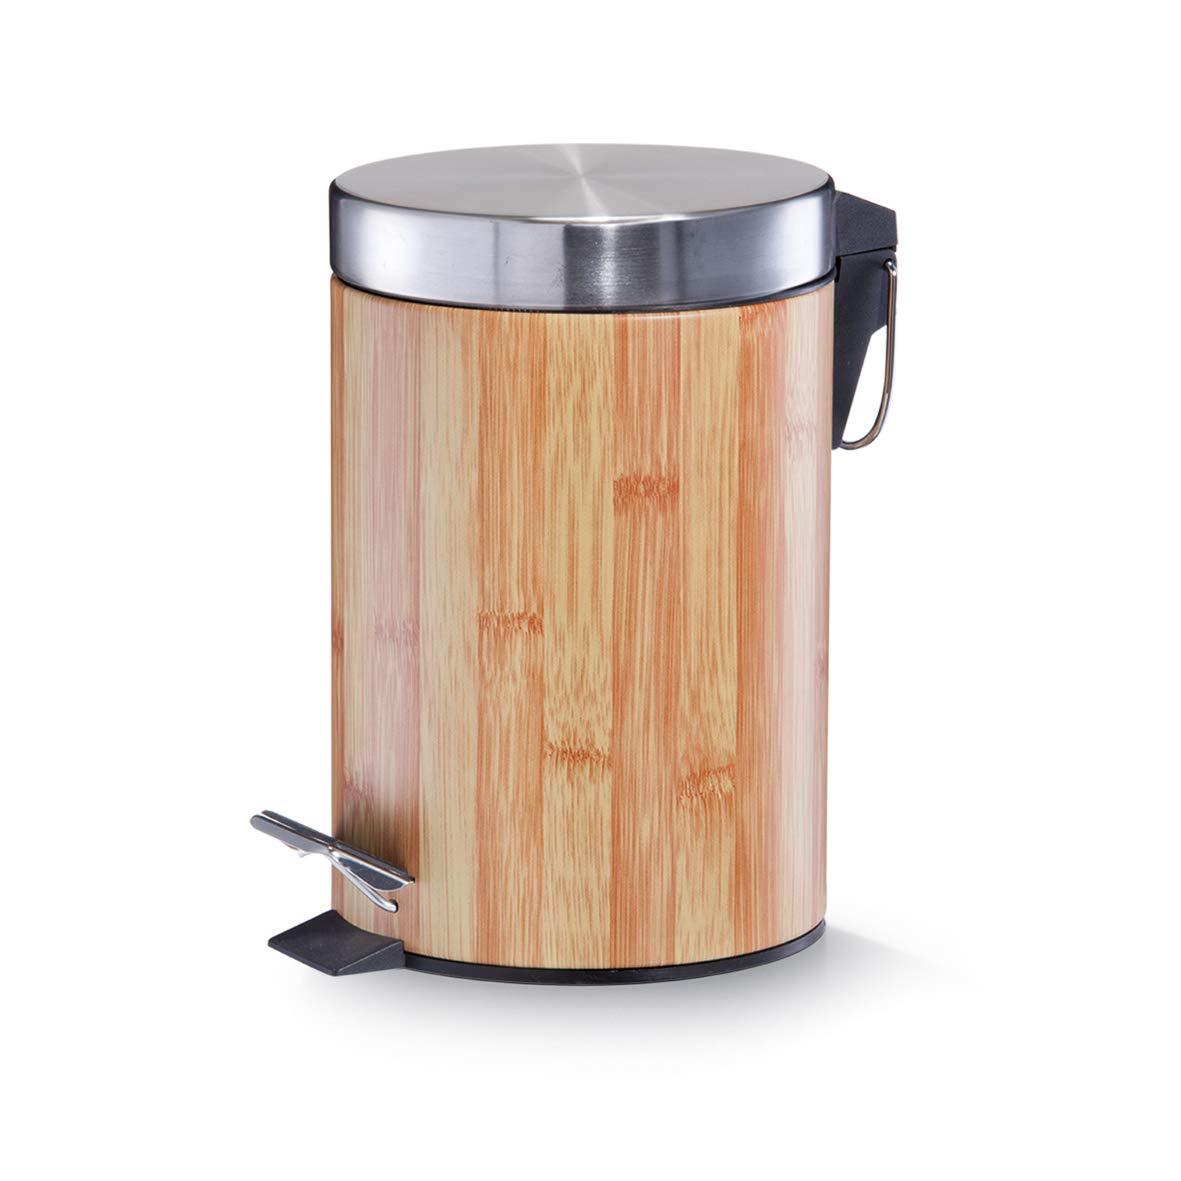 Zeller 18561 - Cestino per i rifiuti in metallo con decorazioni in bambù, 3 litri, ø17 x 26 cm ZELA5